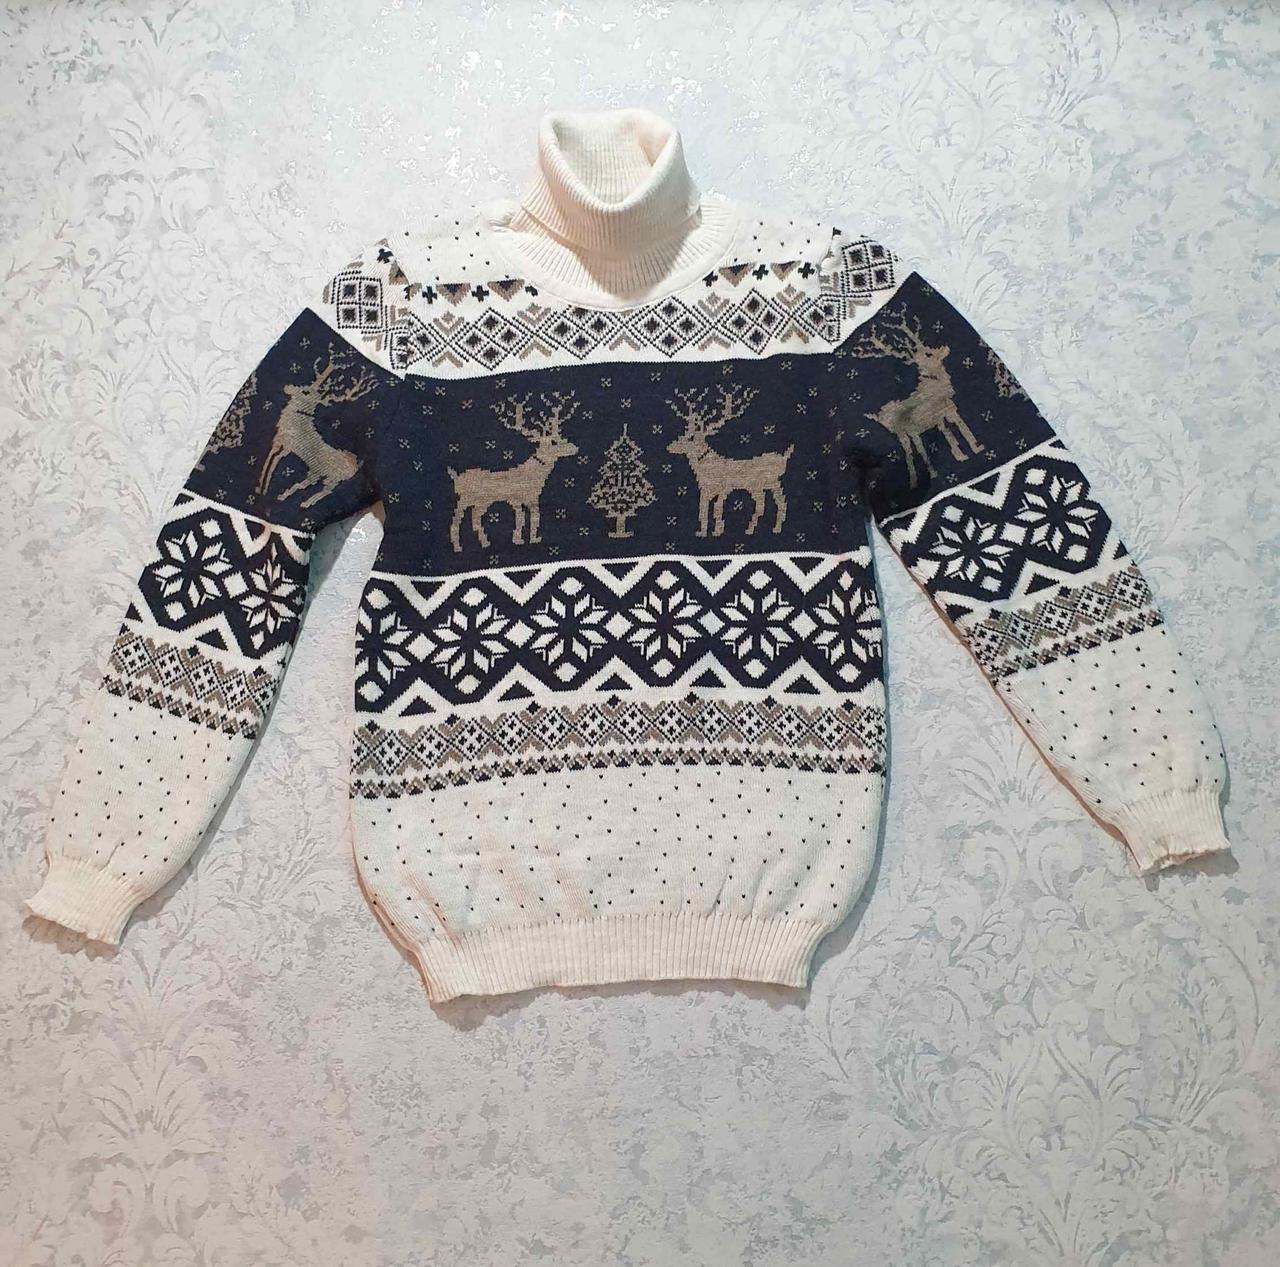 Вязаный свитер детский с оленем 116 - 146 роста CILIVILI ваниль